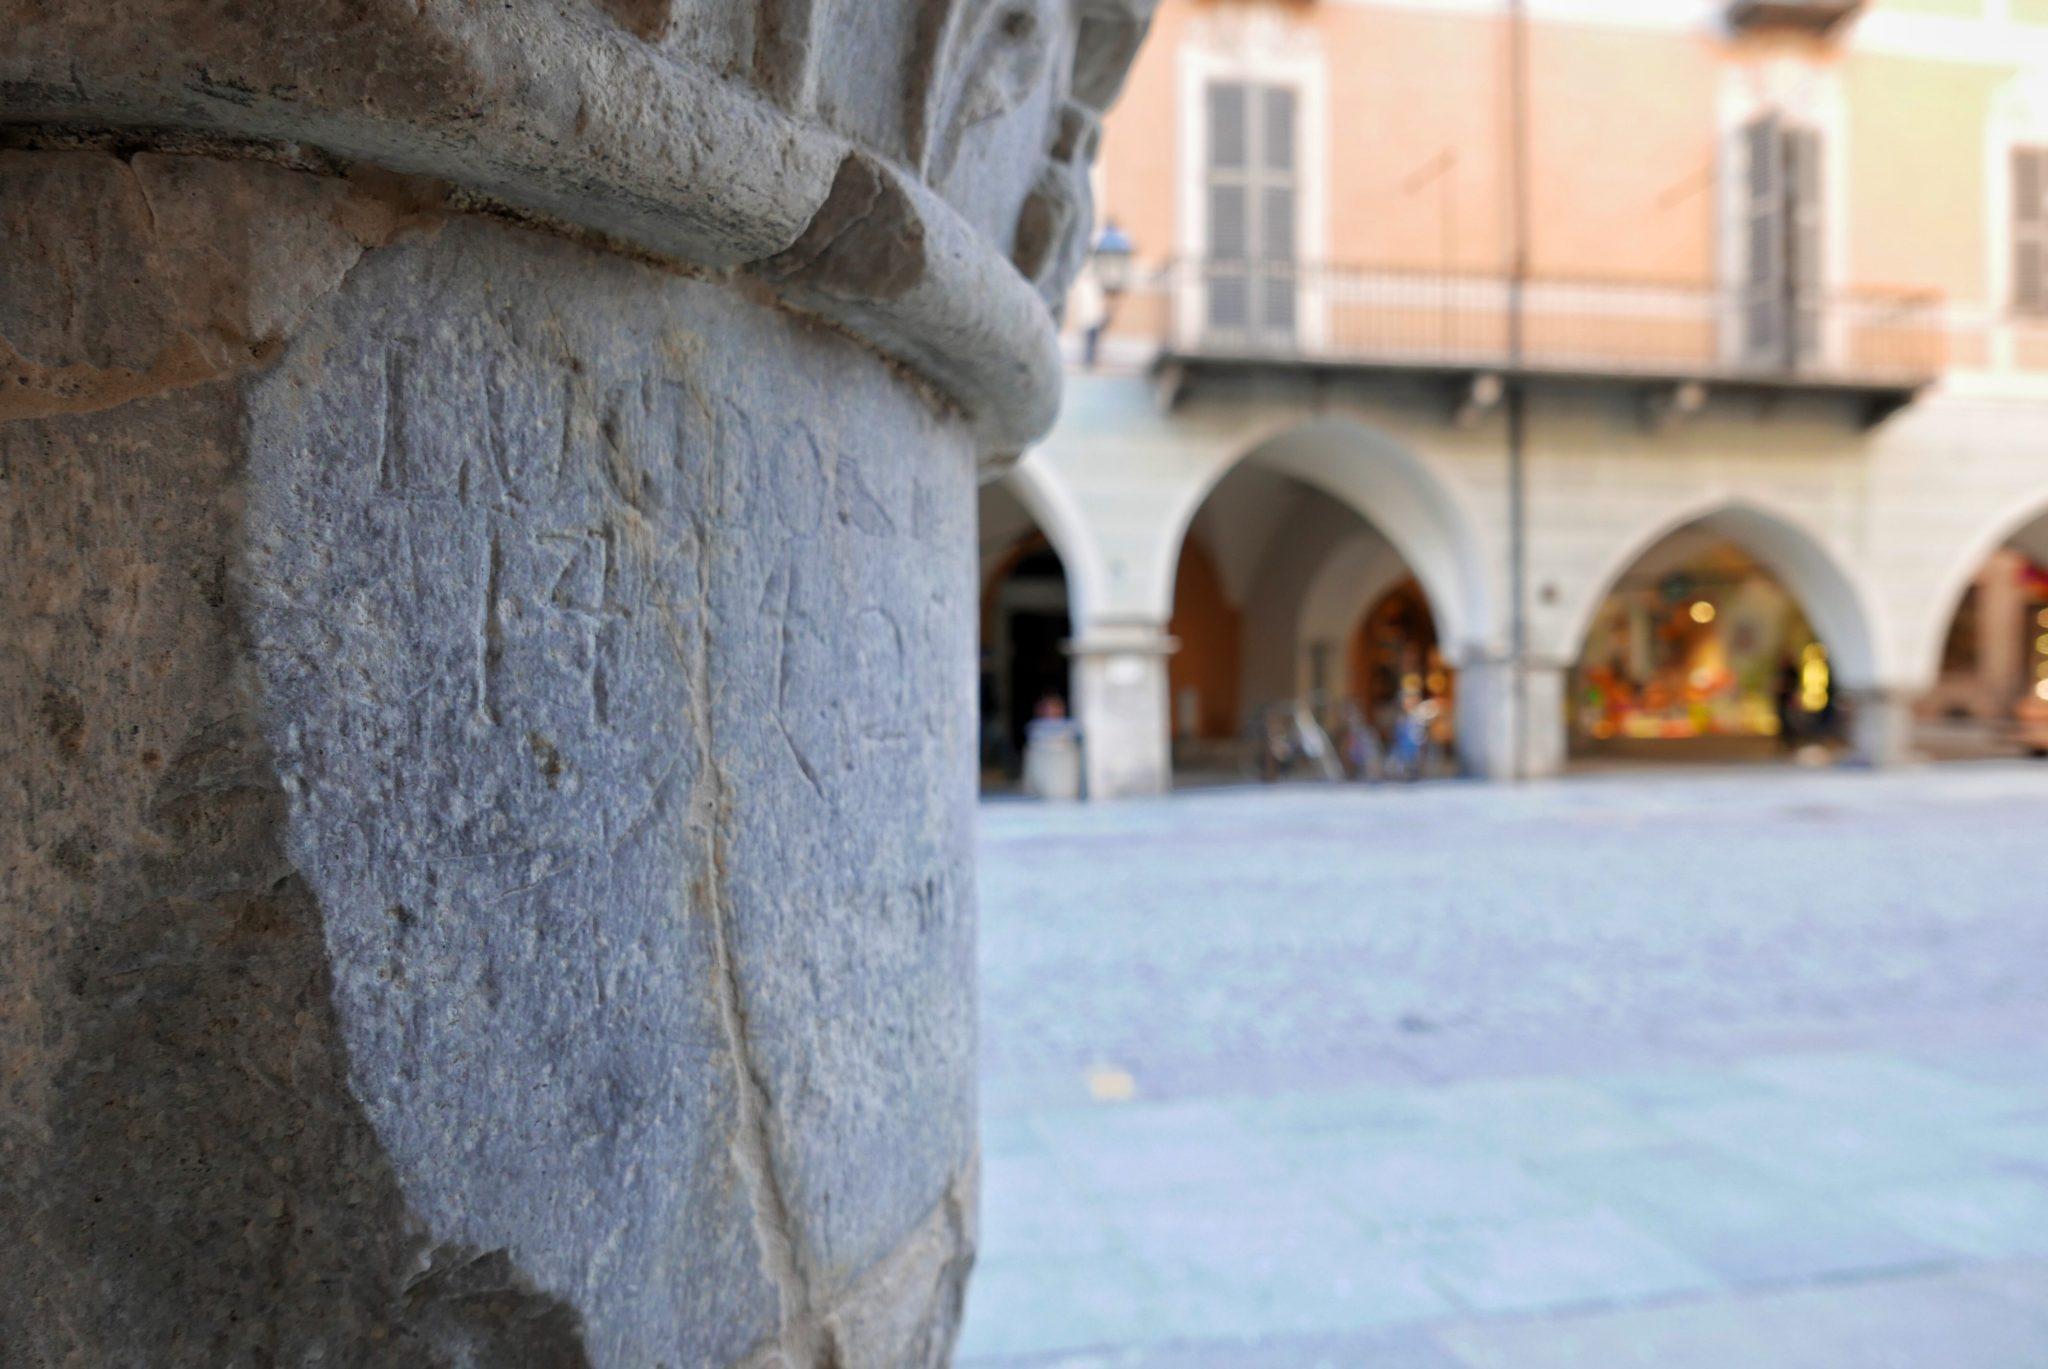 Una torre medioevale, affreschi del 1500, palazzi del Settecento, castelli neogotici e palazzine Liberty. Una passeggiata lungo via Roma, fra le epoche che hanno attraversato Cuneo